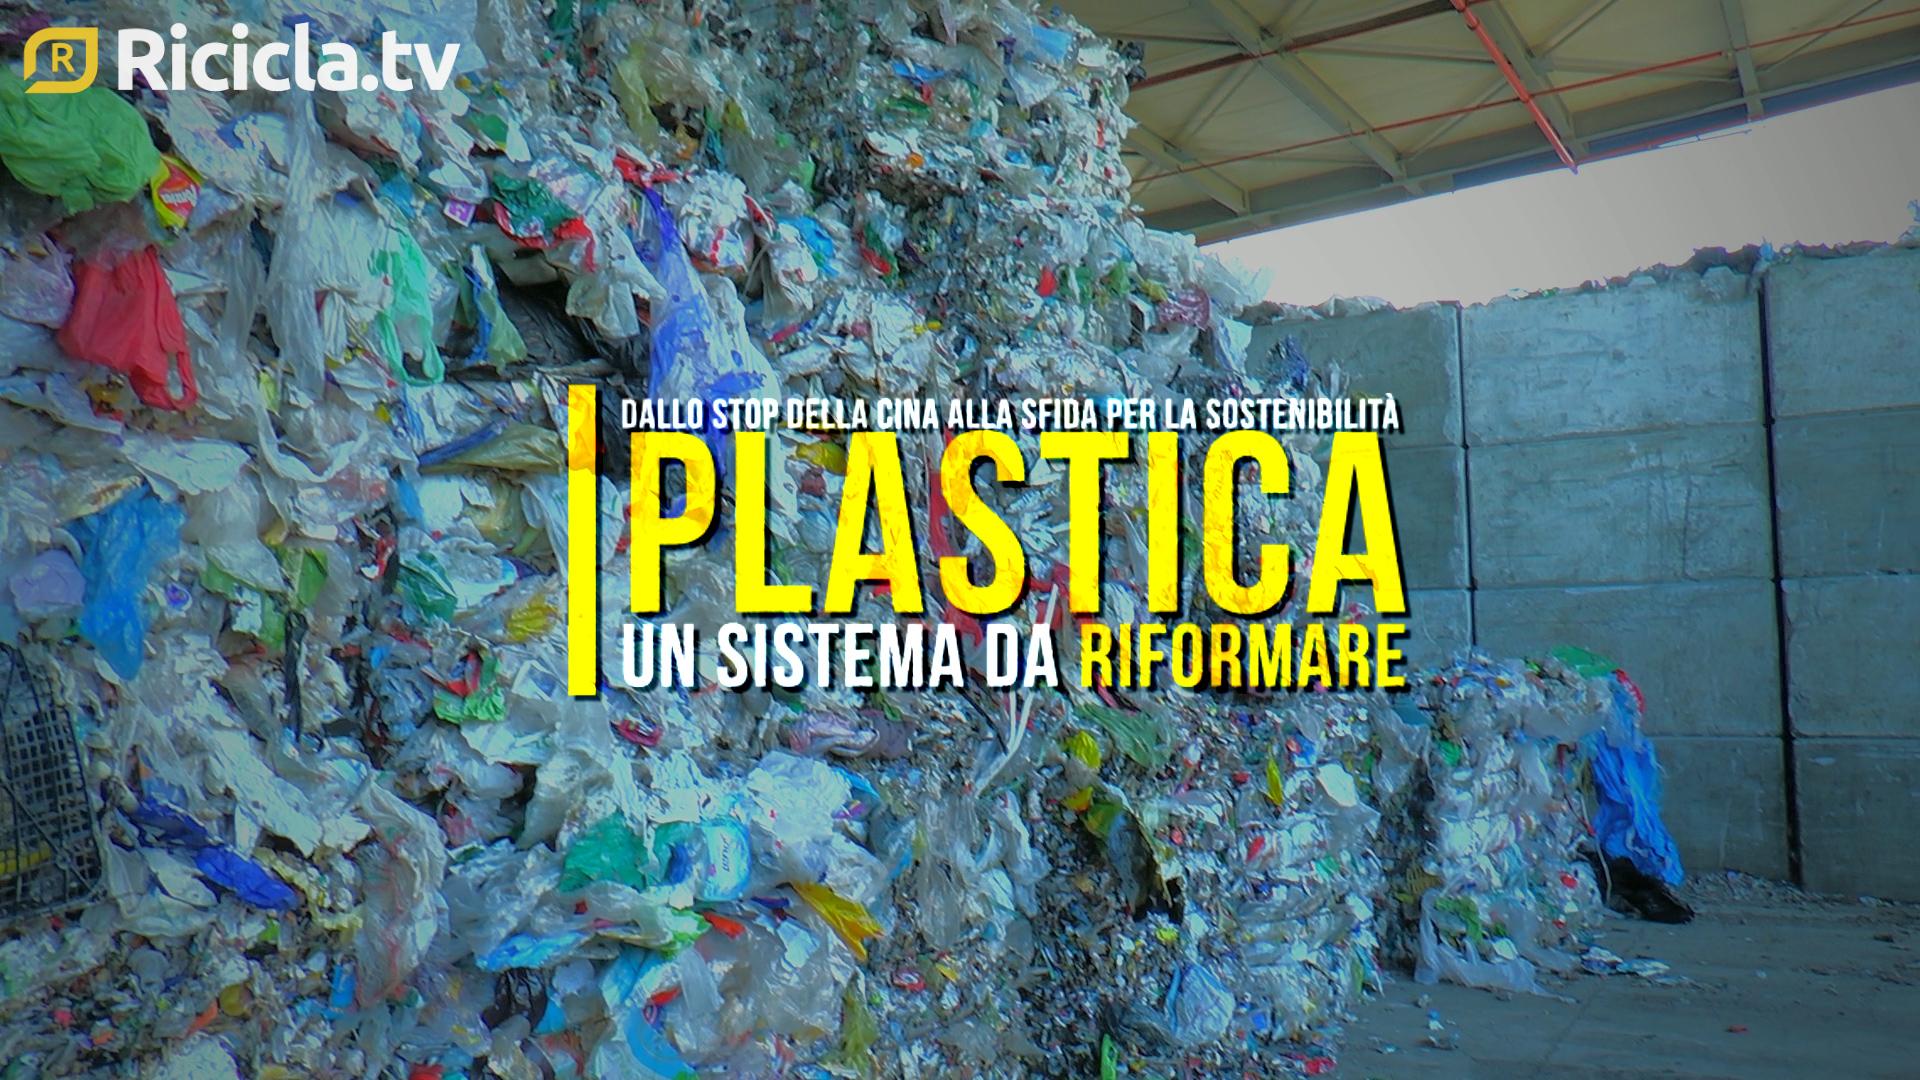 PLASTICA: UN SISTEMA DA RIFORMARE